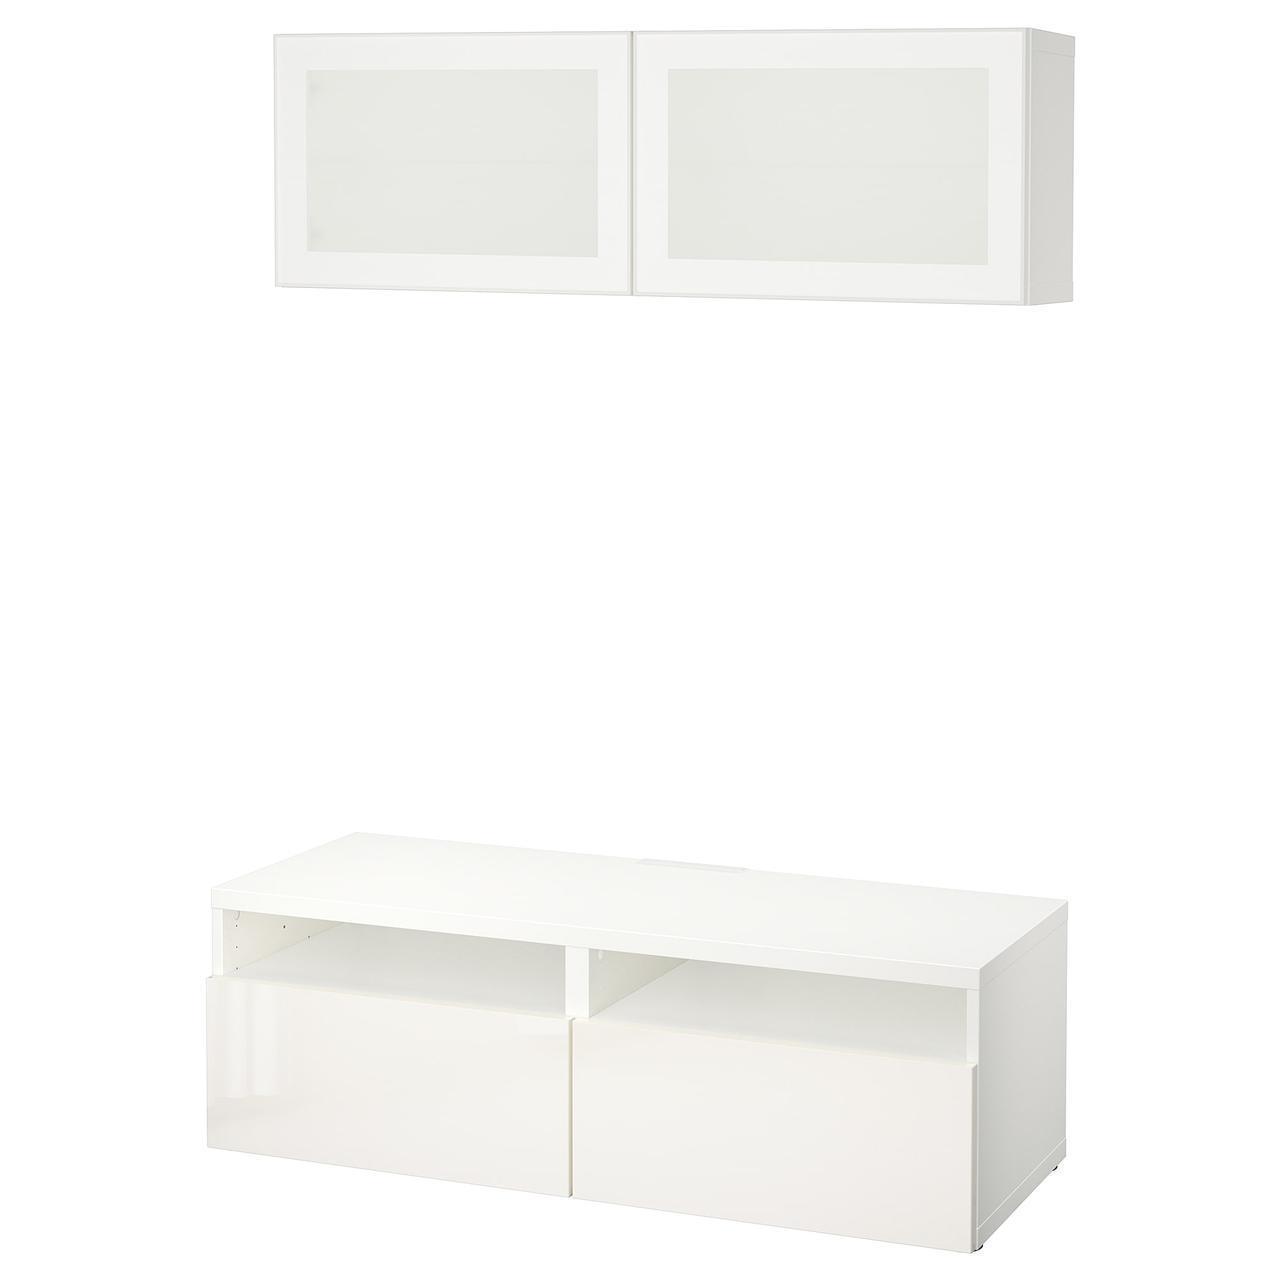 IKEA BESTA Тумба под телевизор с стеклянными дверьми, белый, Сельсвикен (291.893.60)